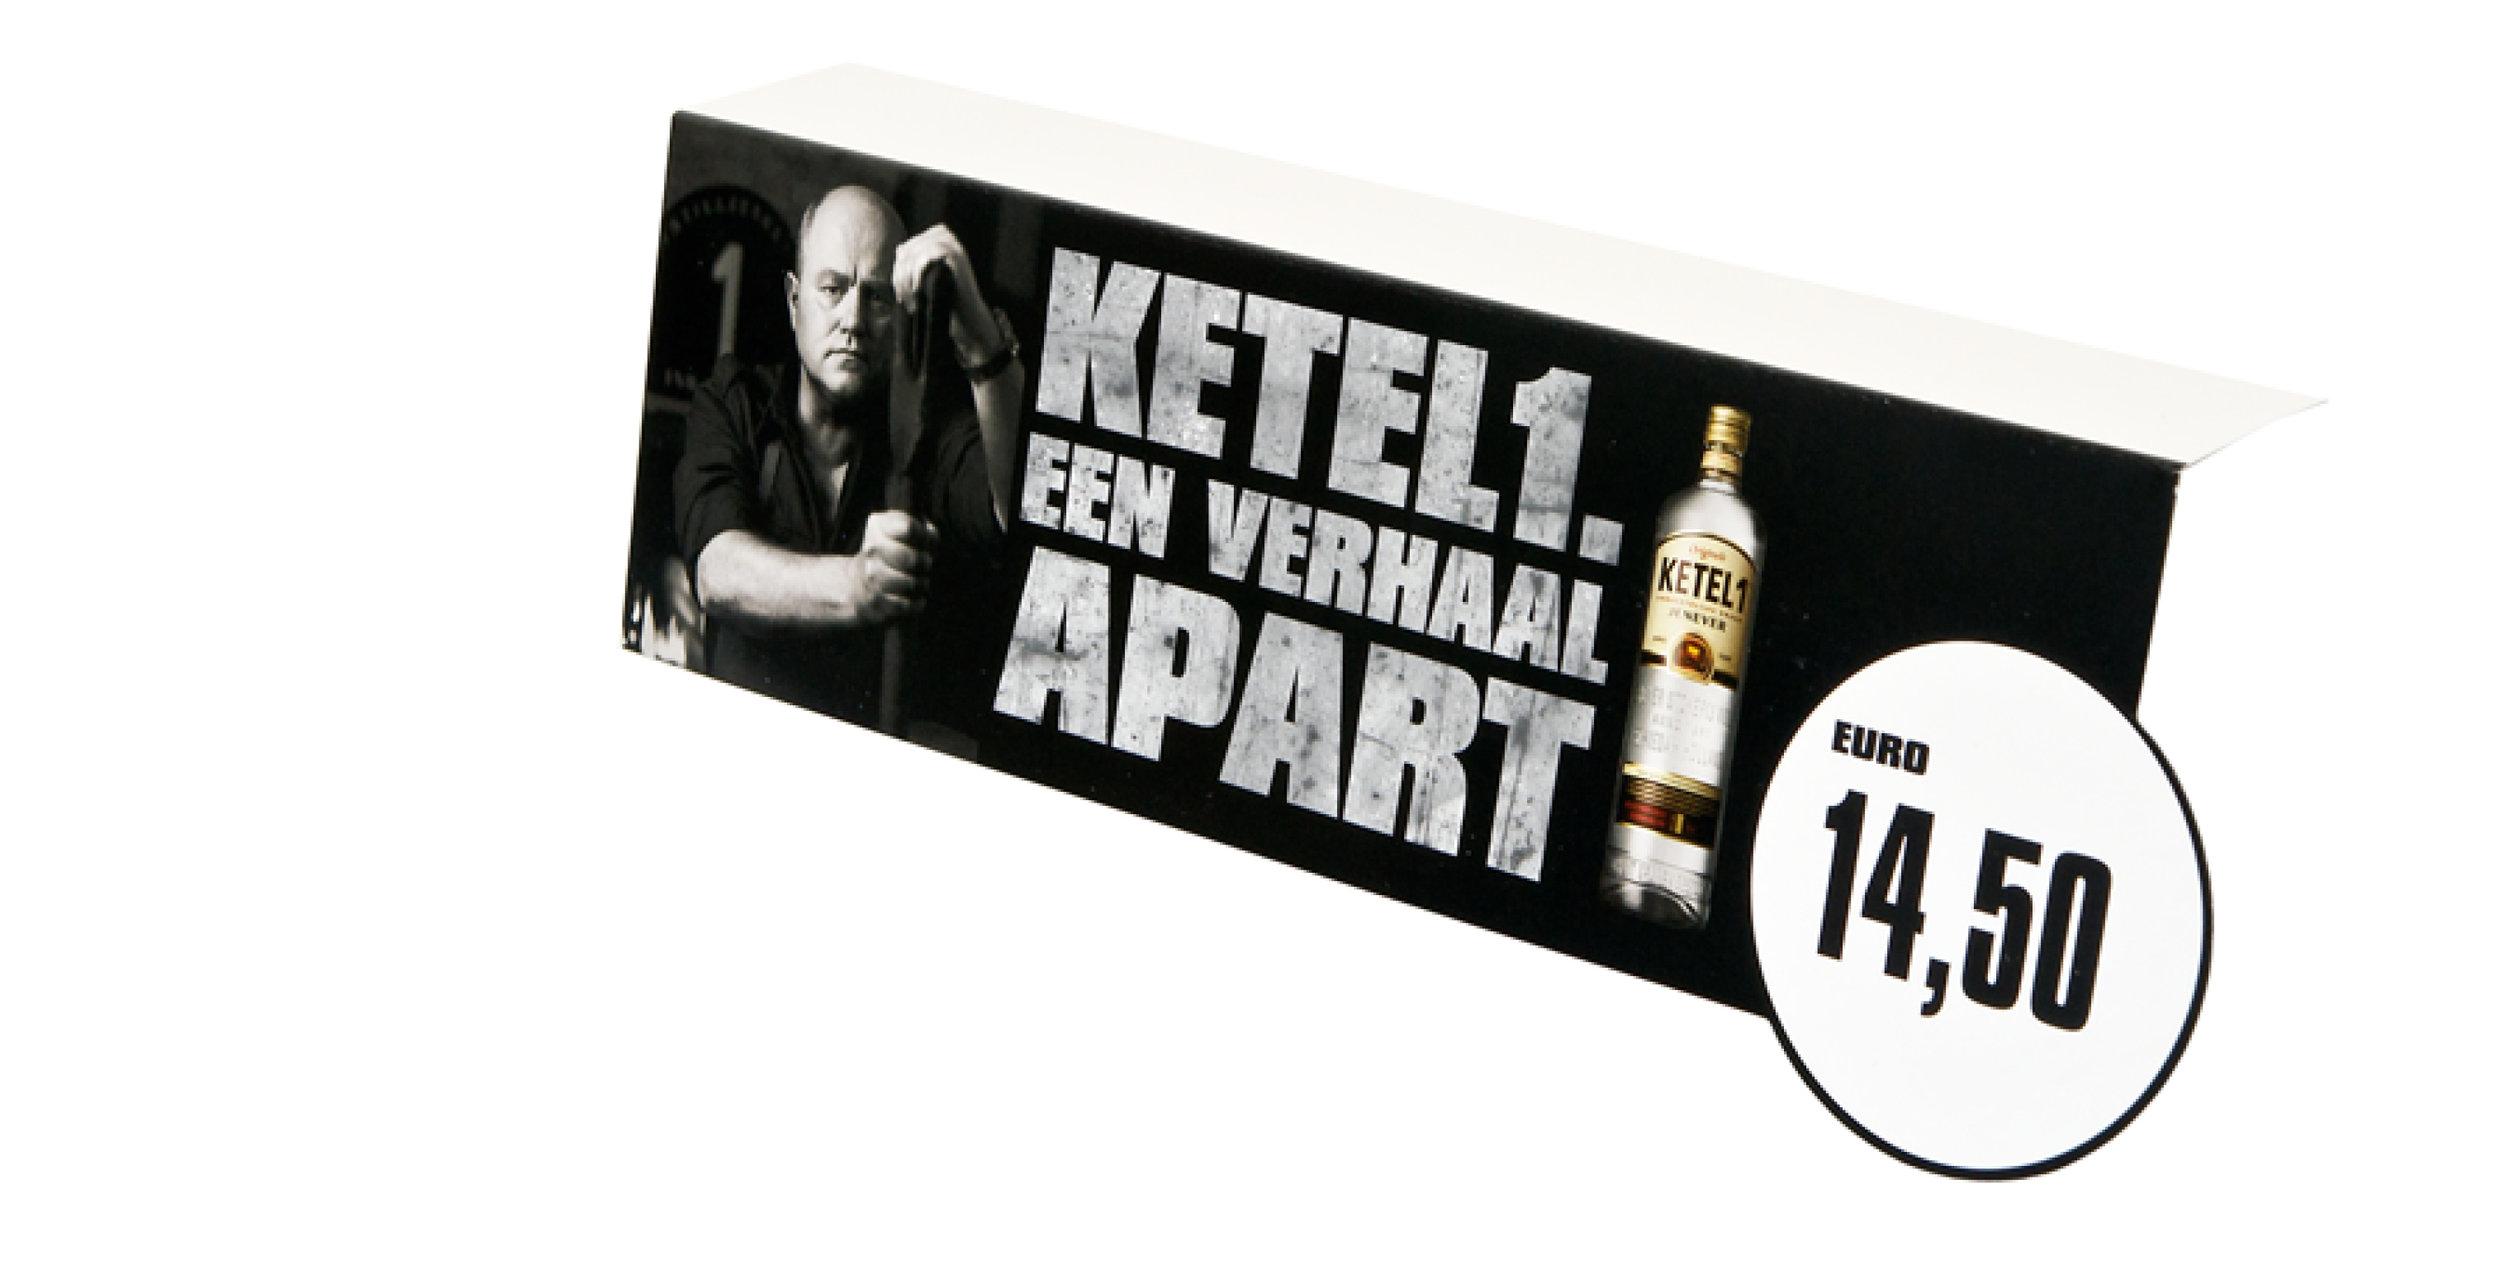 KETEL 1 Campagne_6.jpg